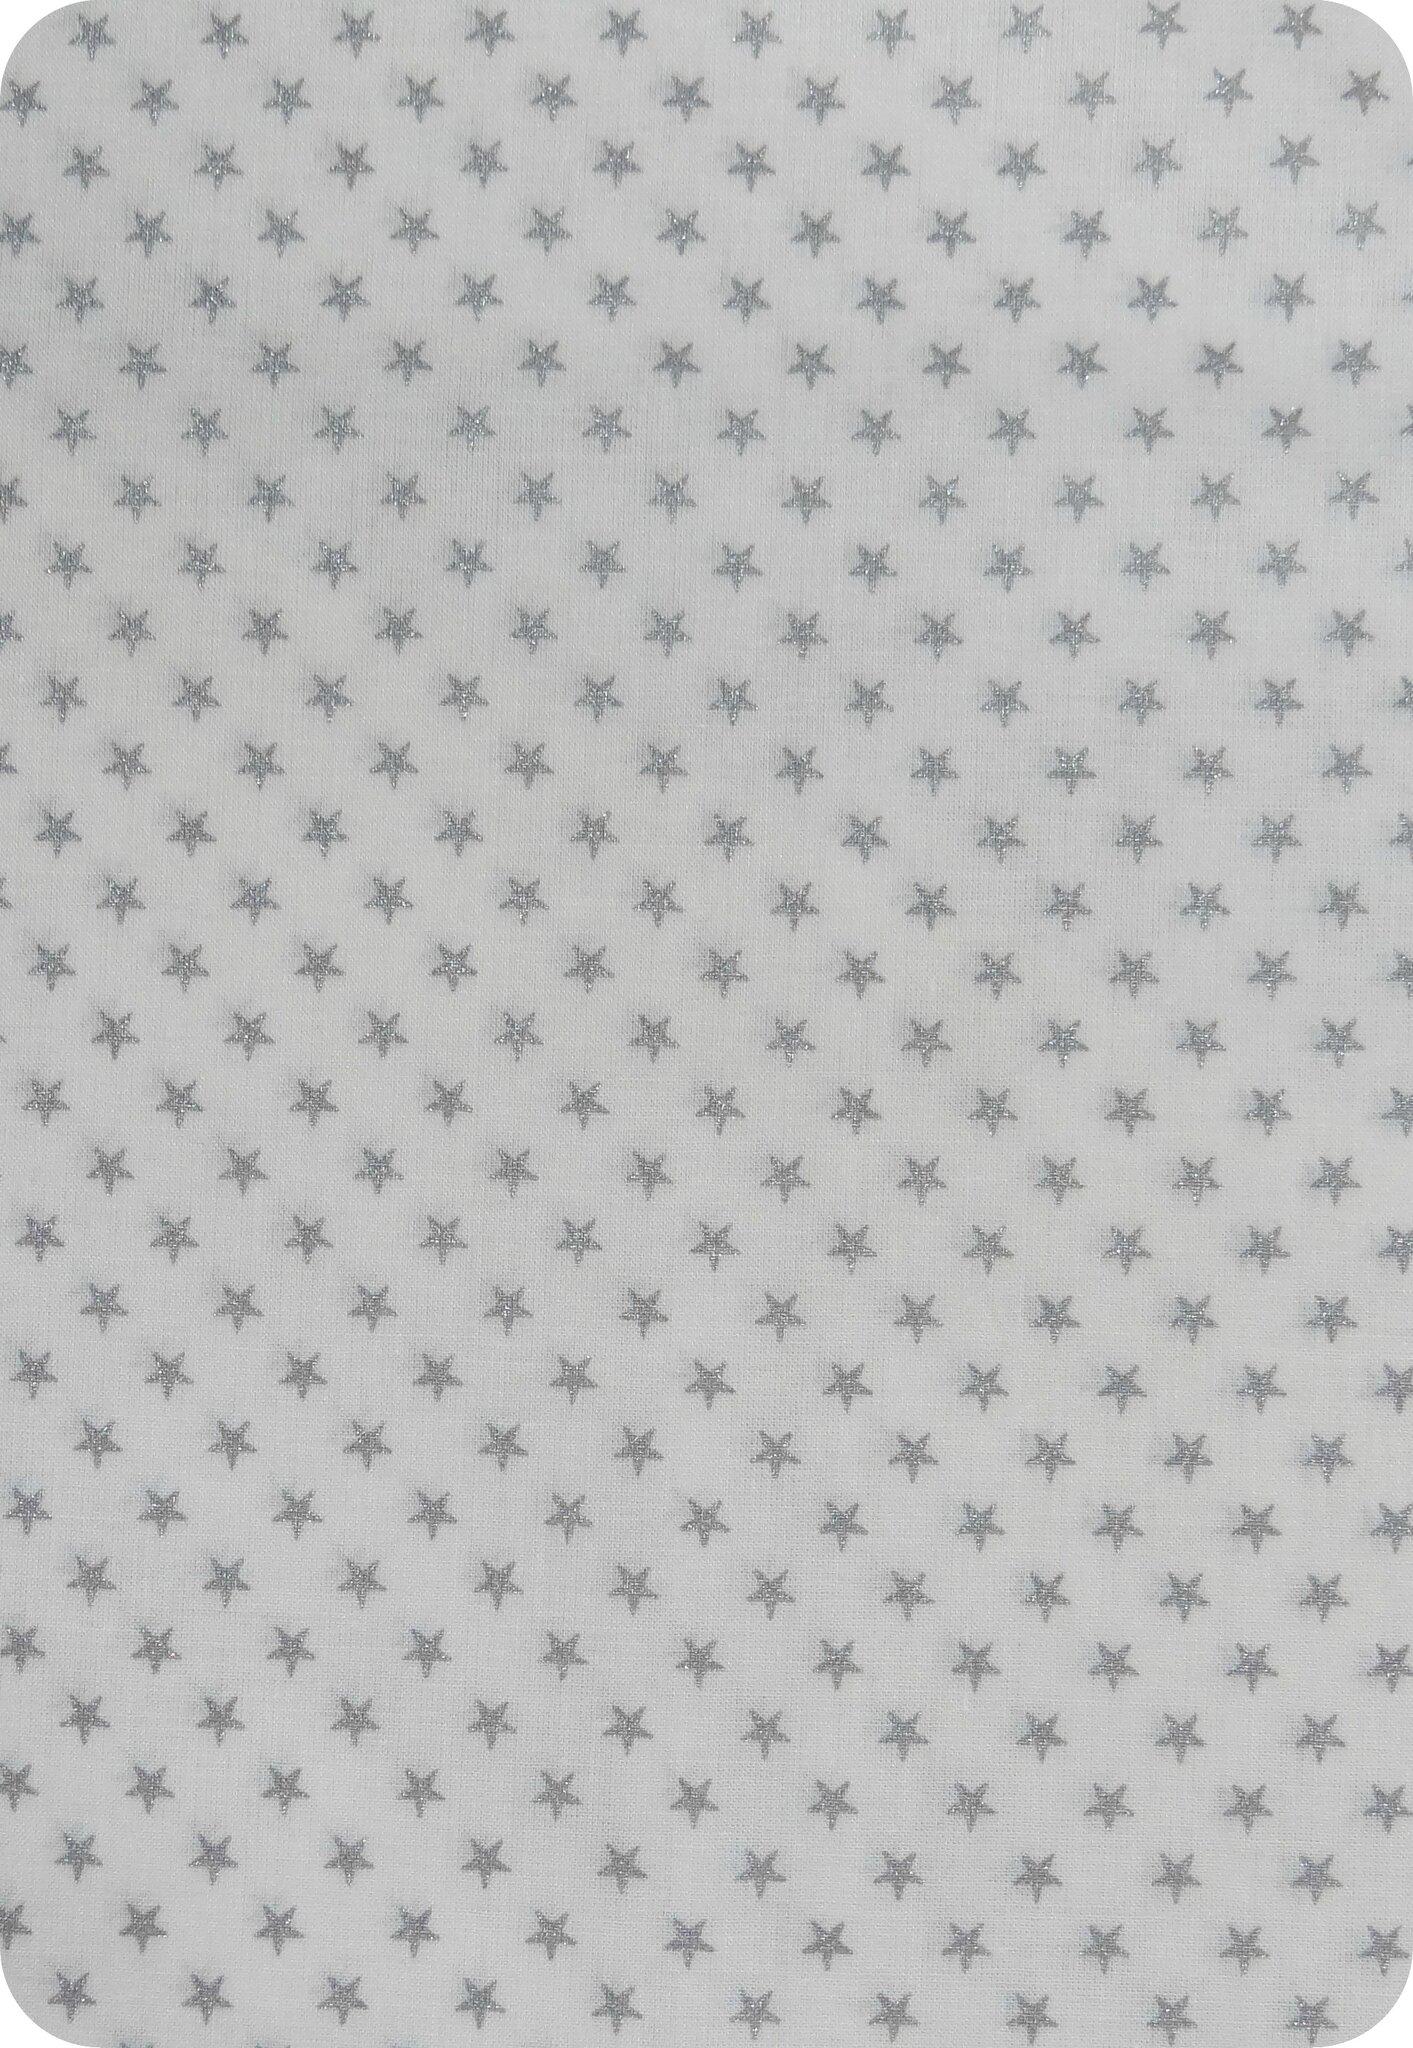 Tissu France Duval blanc étoiles argentées